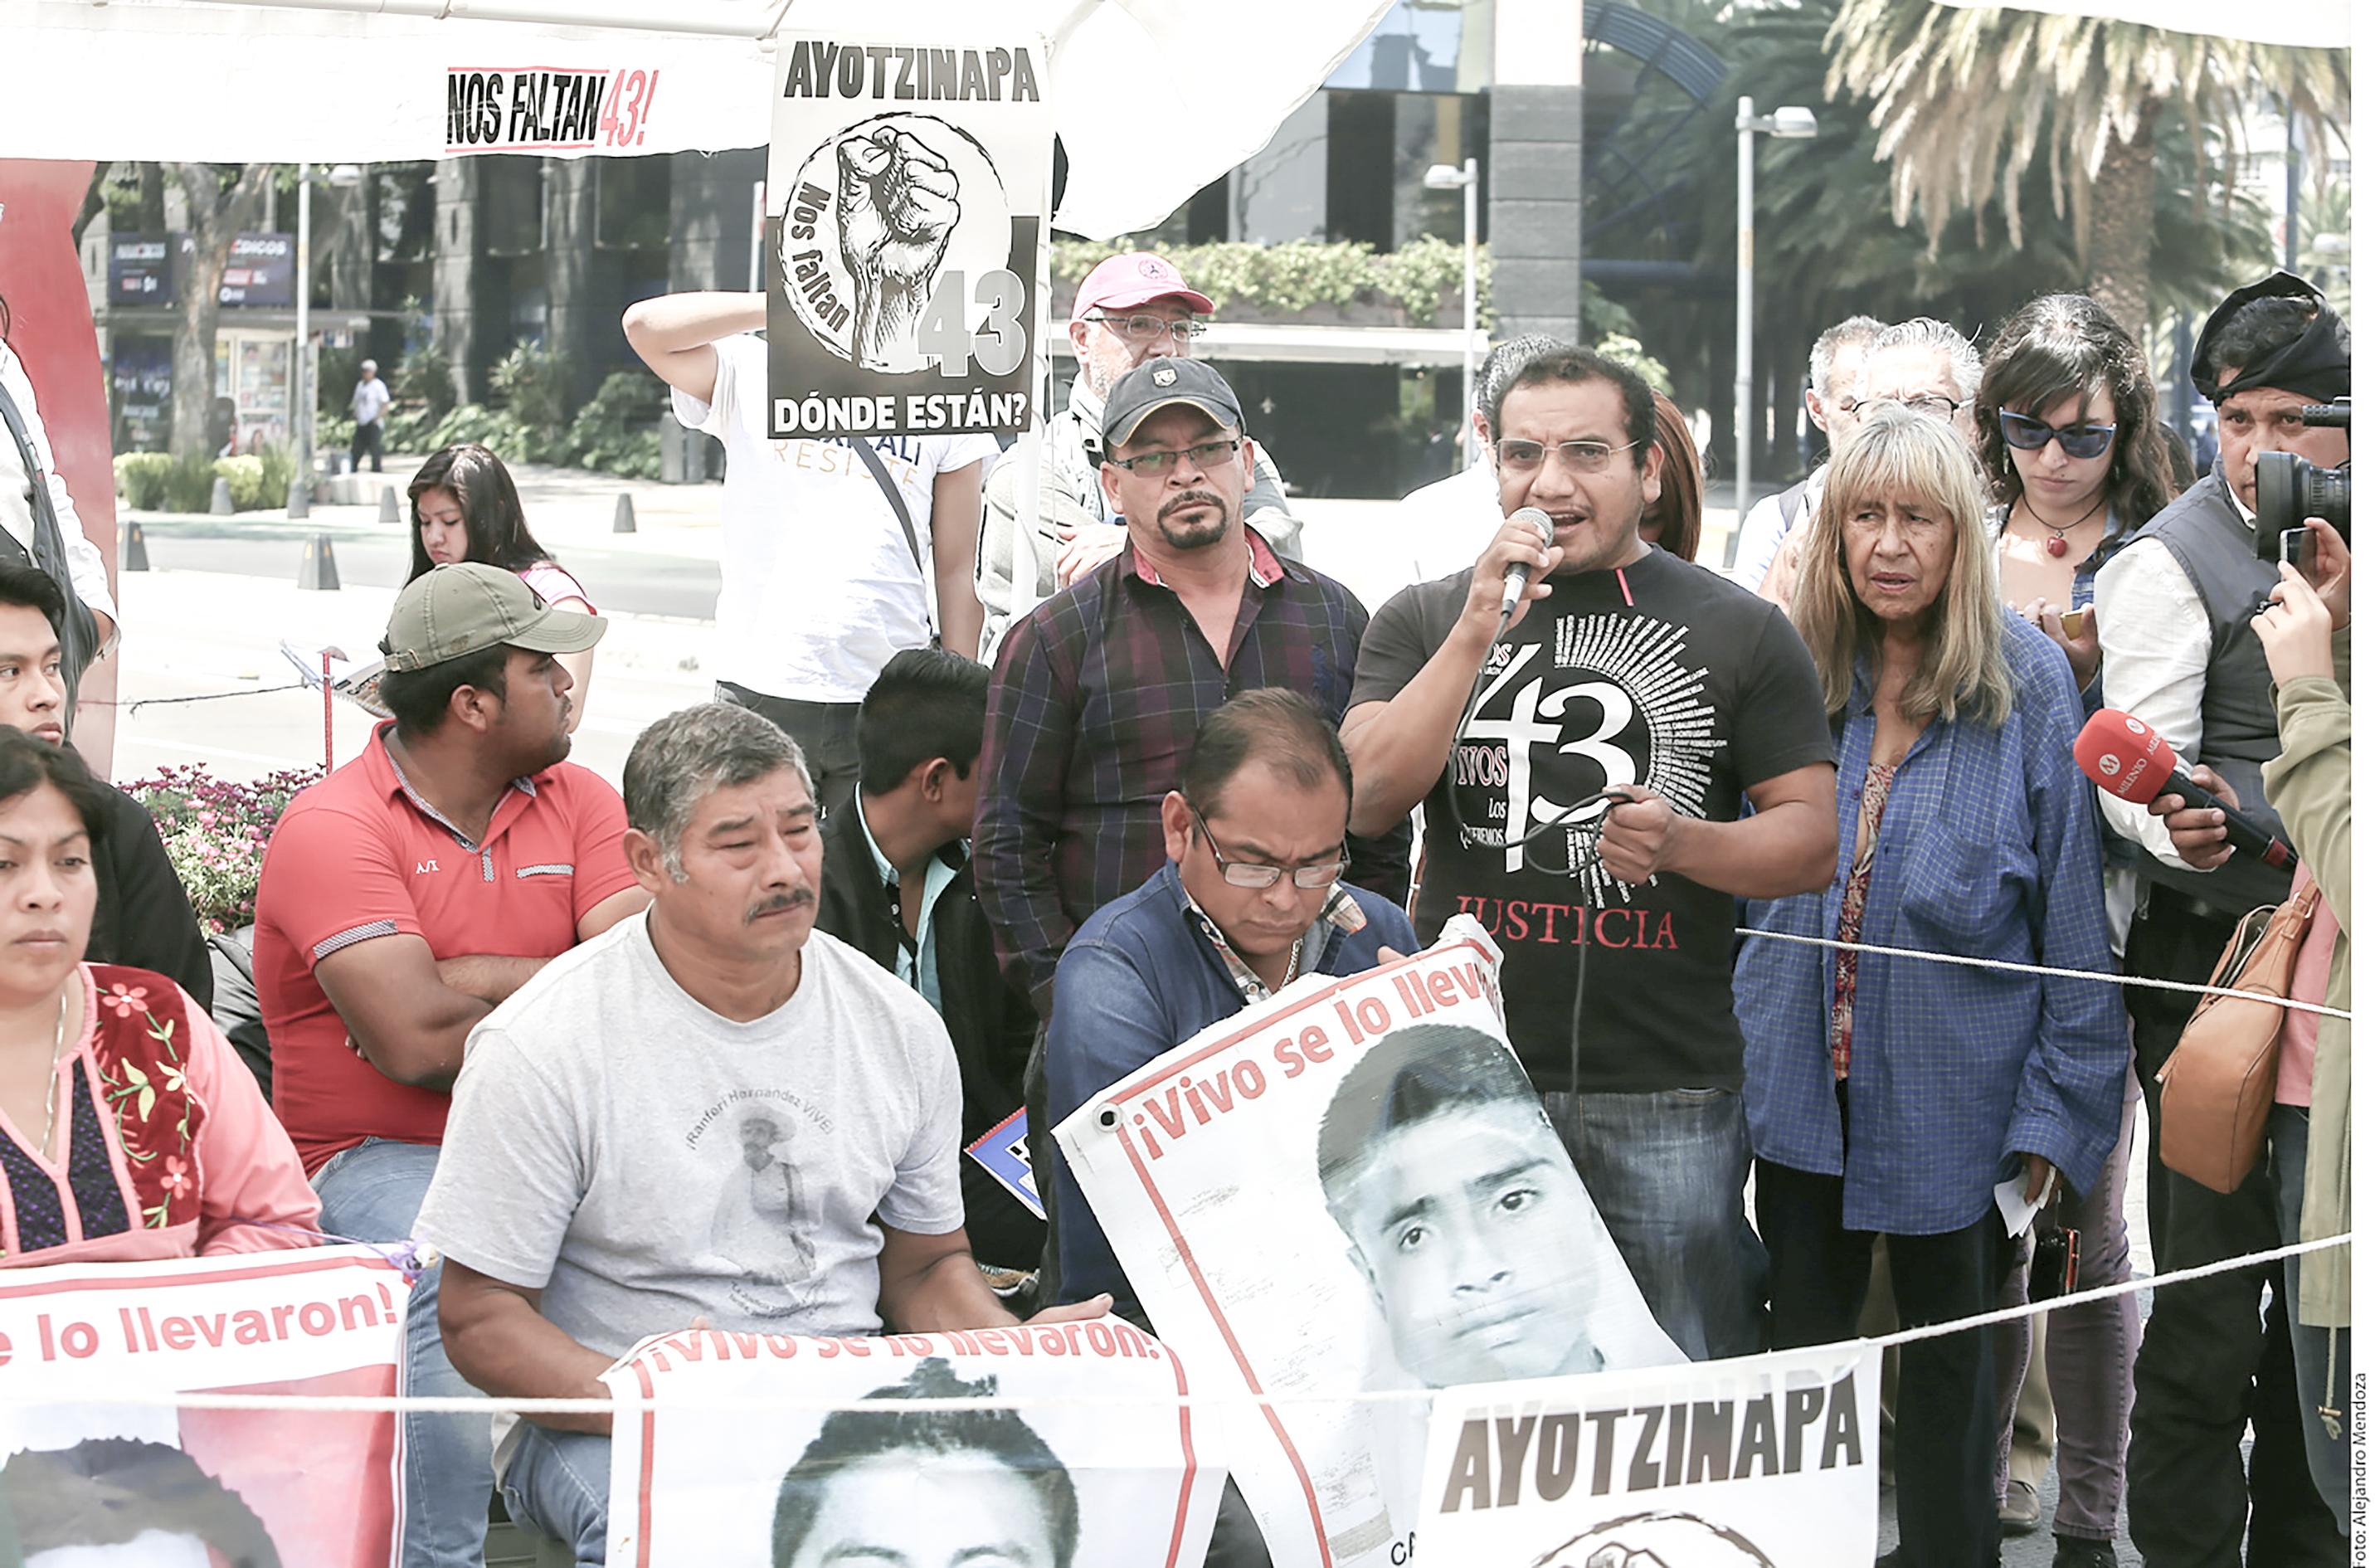 Ayotzinapa Padres Agencia Reforma